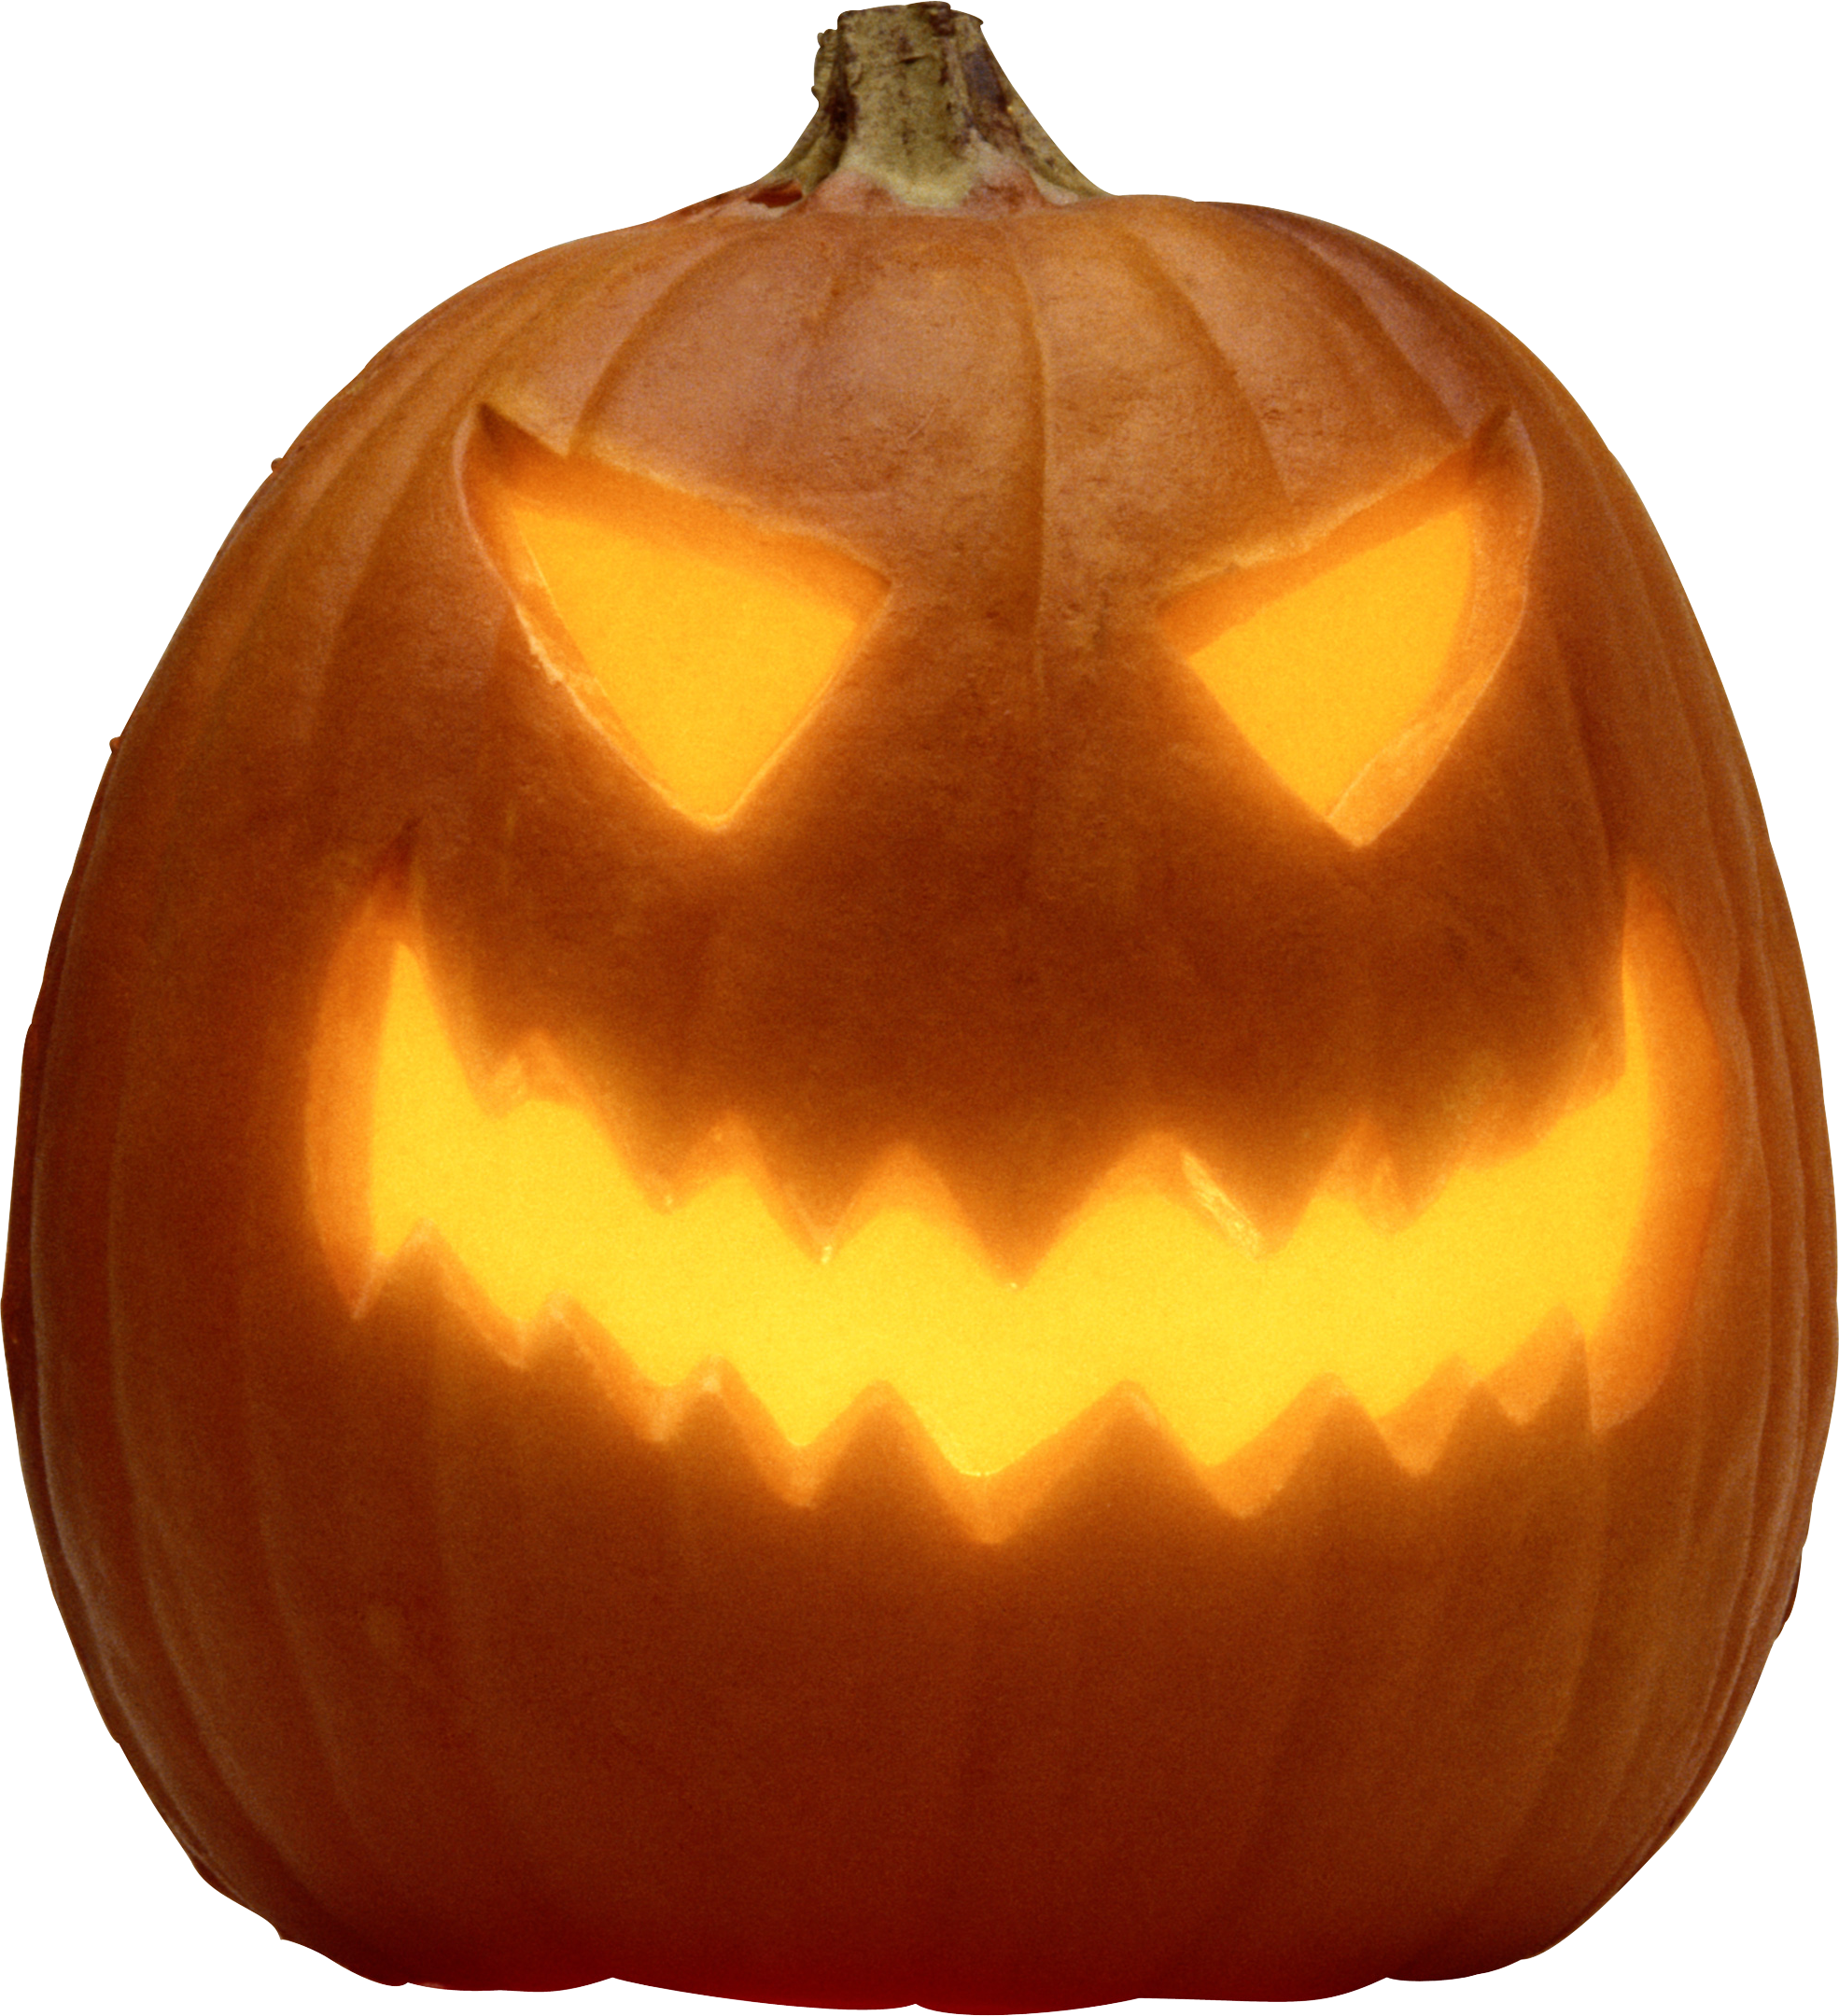 Halloween Pumpkin PNG Image